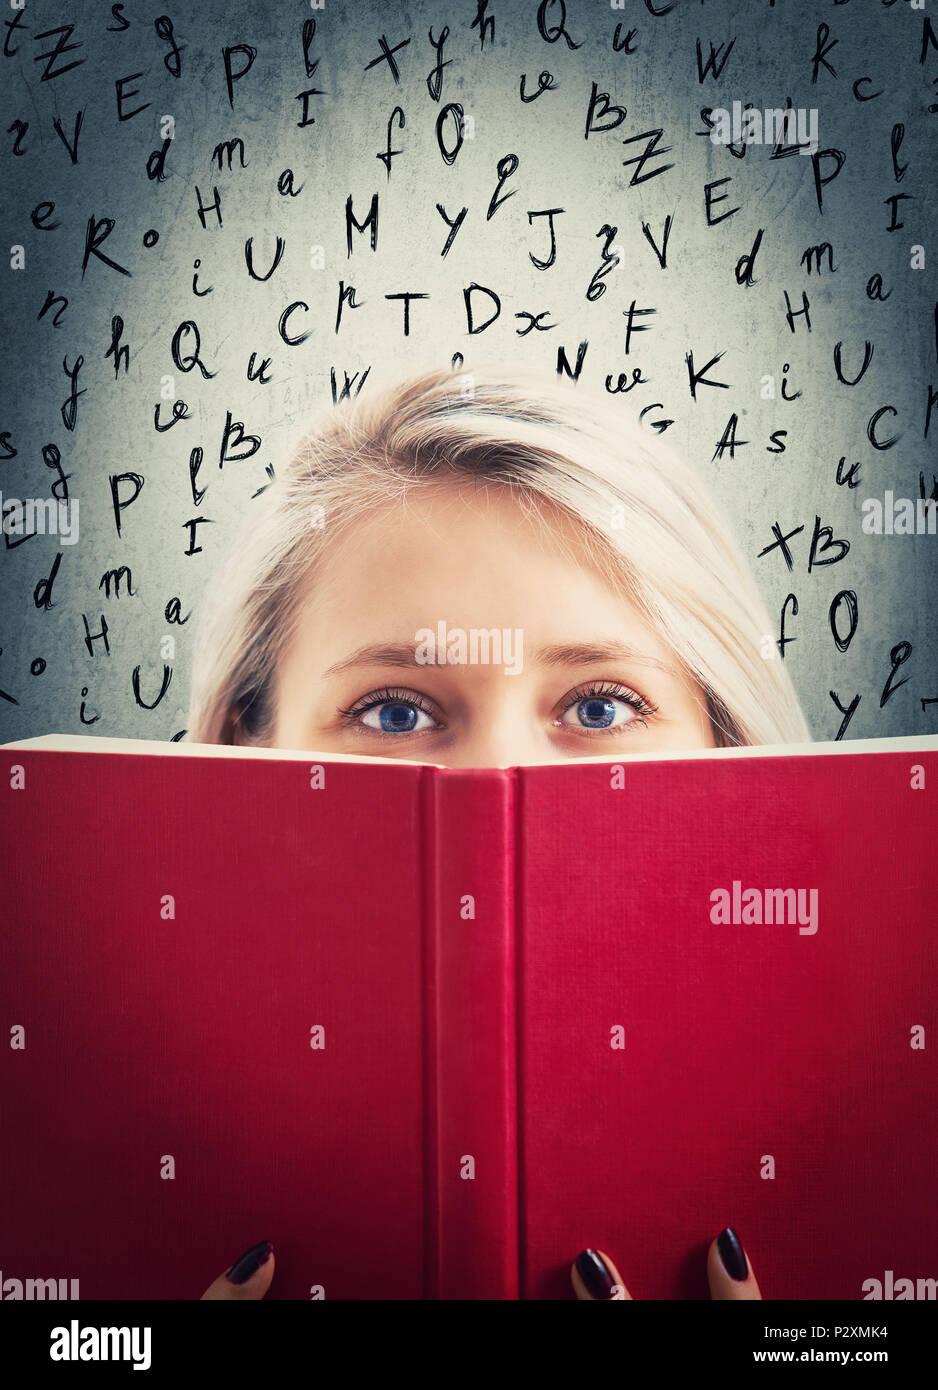 Close up portrait of pretty student girl se cacher derrière un livre ouvert rouge avec relative lettres alphabet sur l'arrière-plan. Femme timide et mystérieux garder Photo Stock